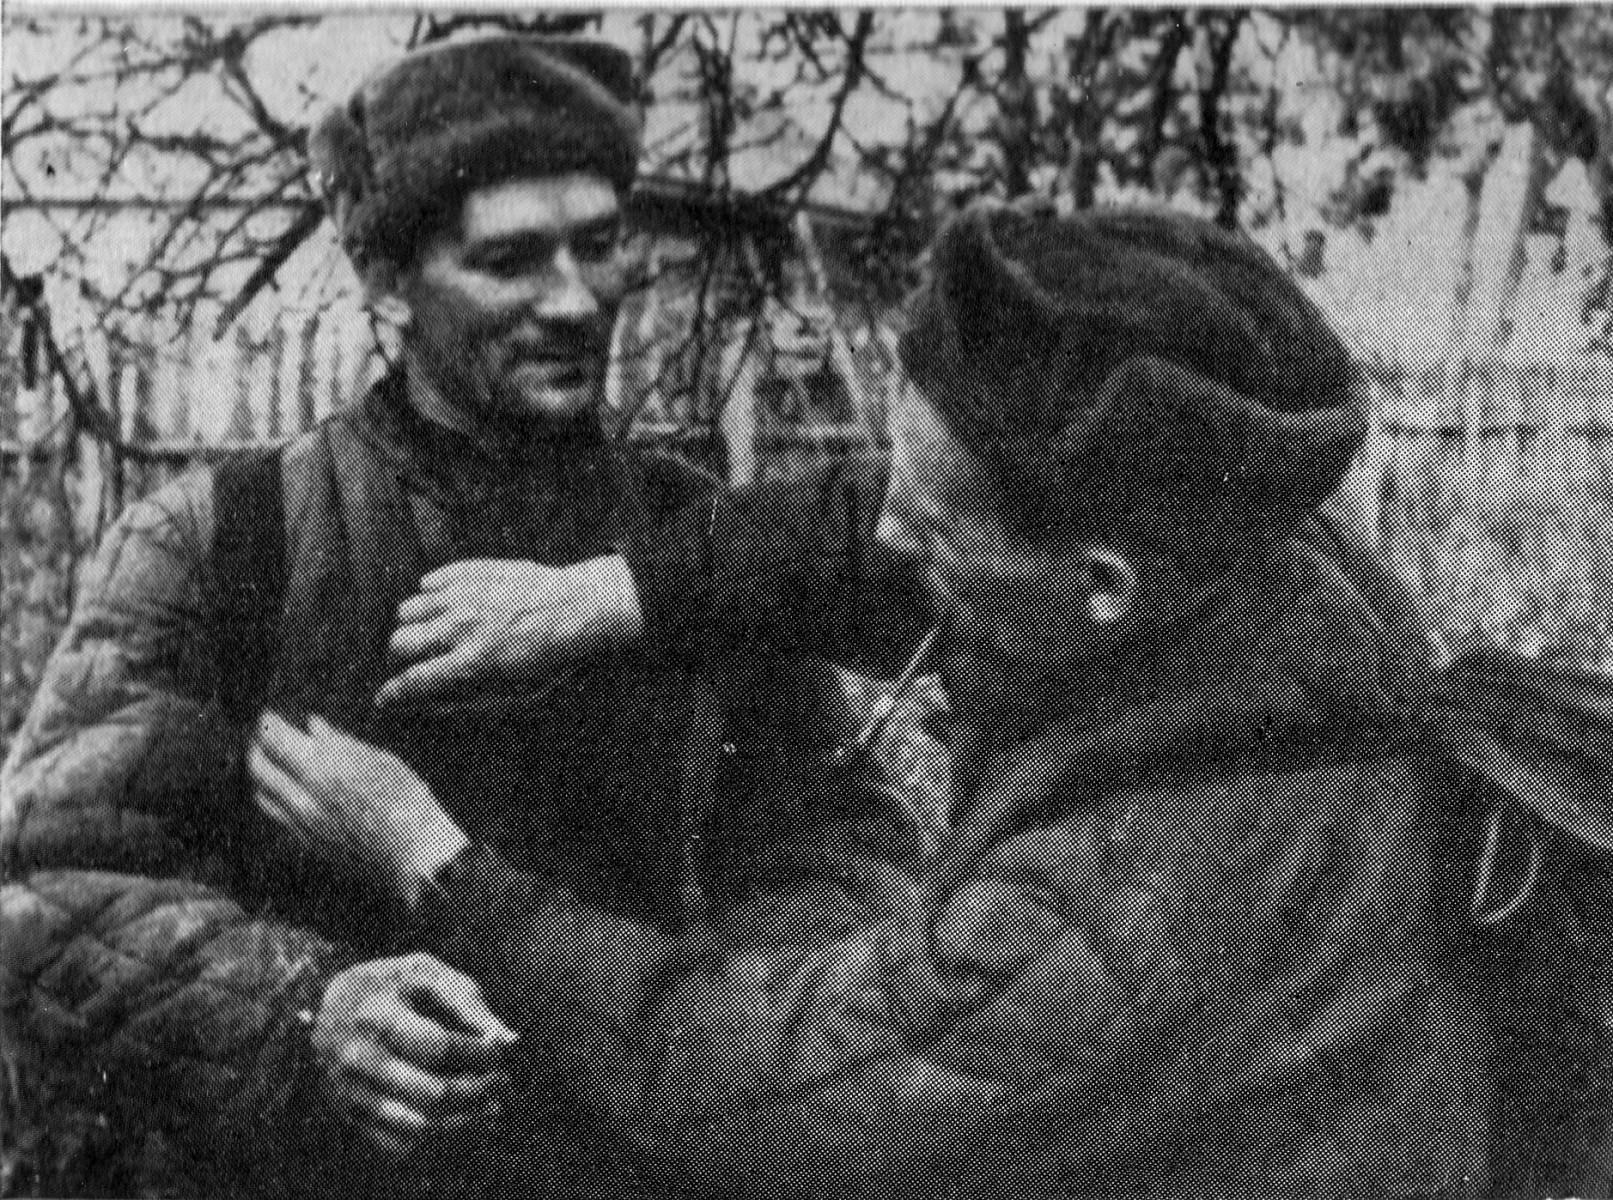 Кинооператор С.Е. Гусев и фотокорреспондент С.И. Лоскутов перед выходом на задание